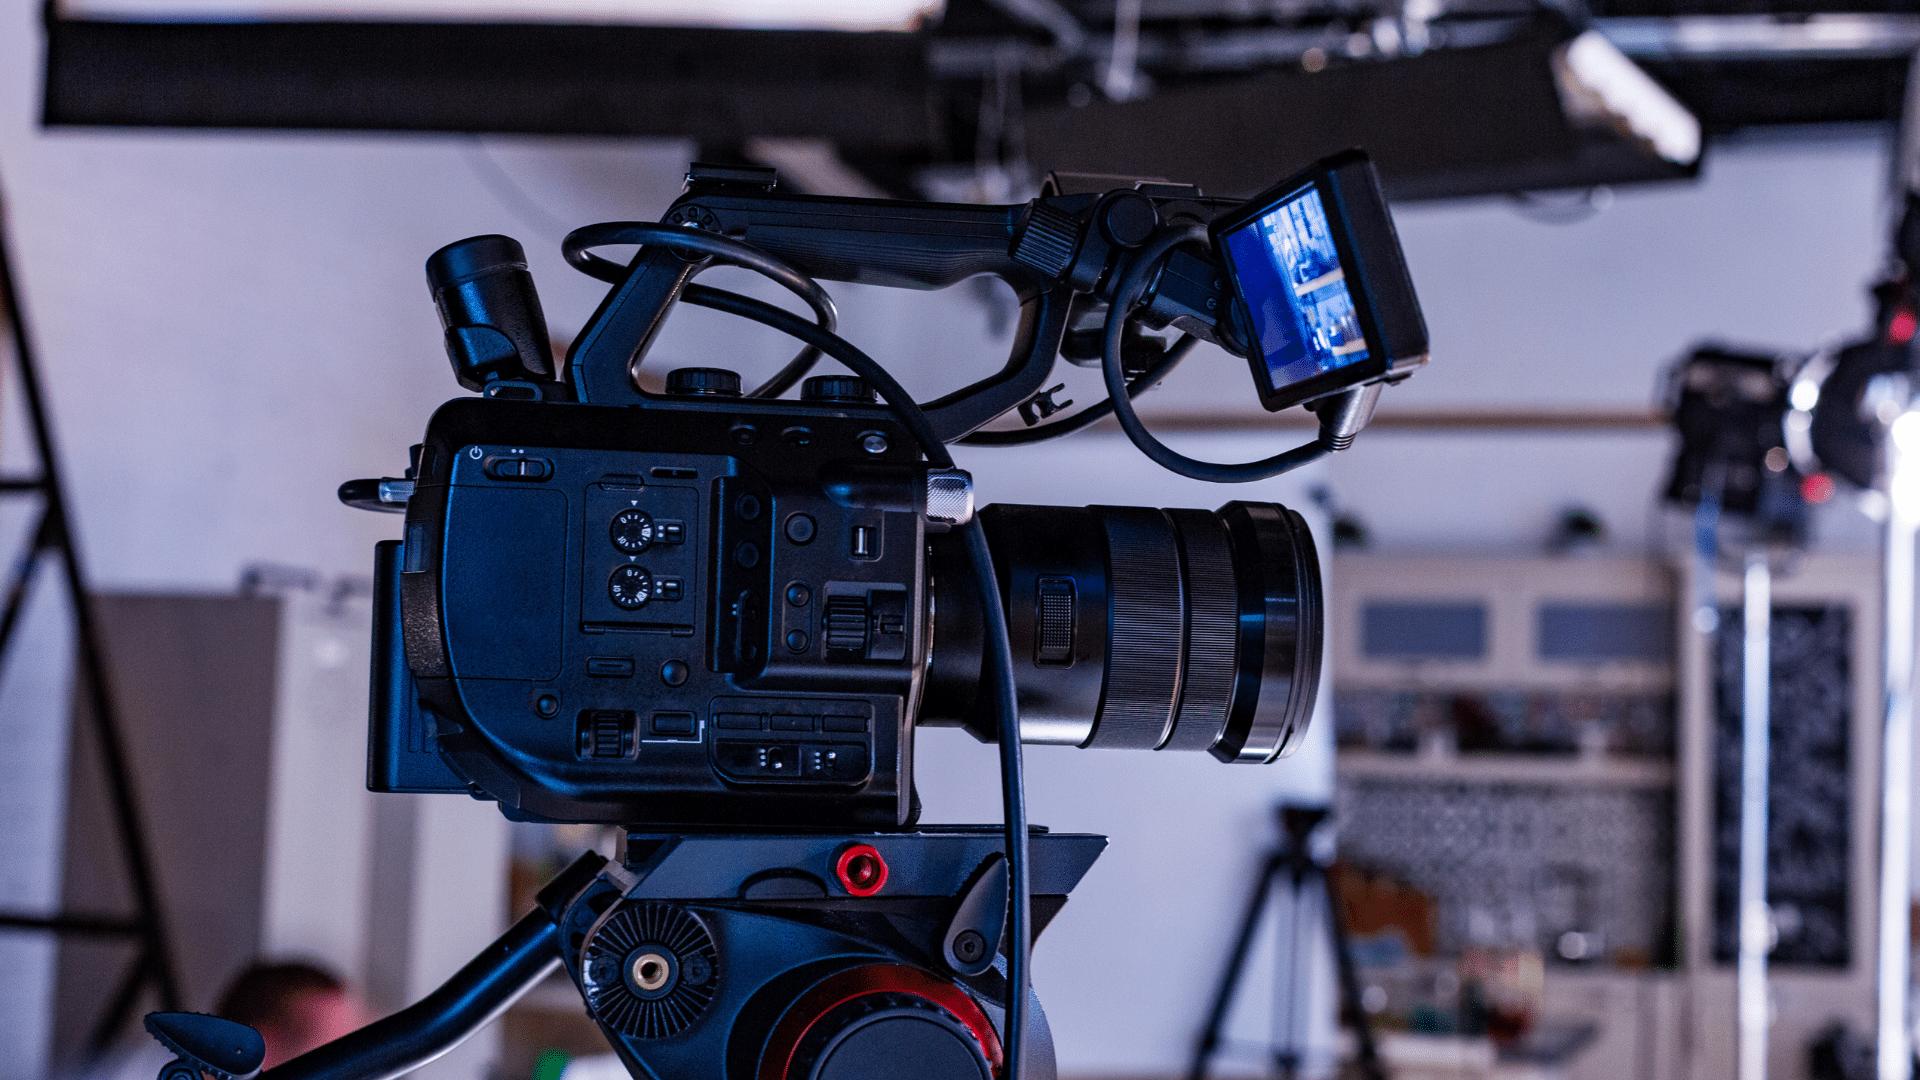 Réaliser une vidéo professionnelle, les erreurs à éviter